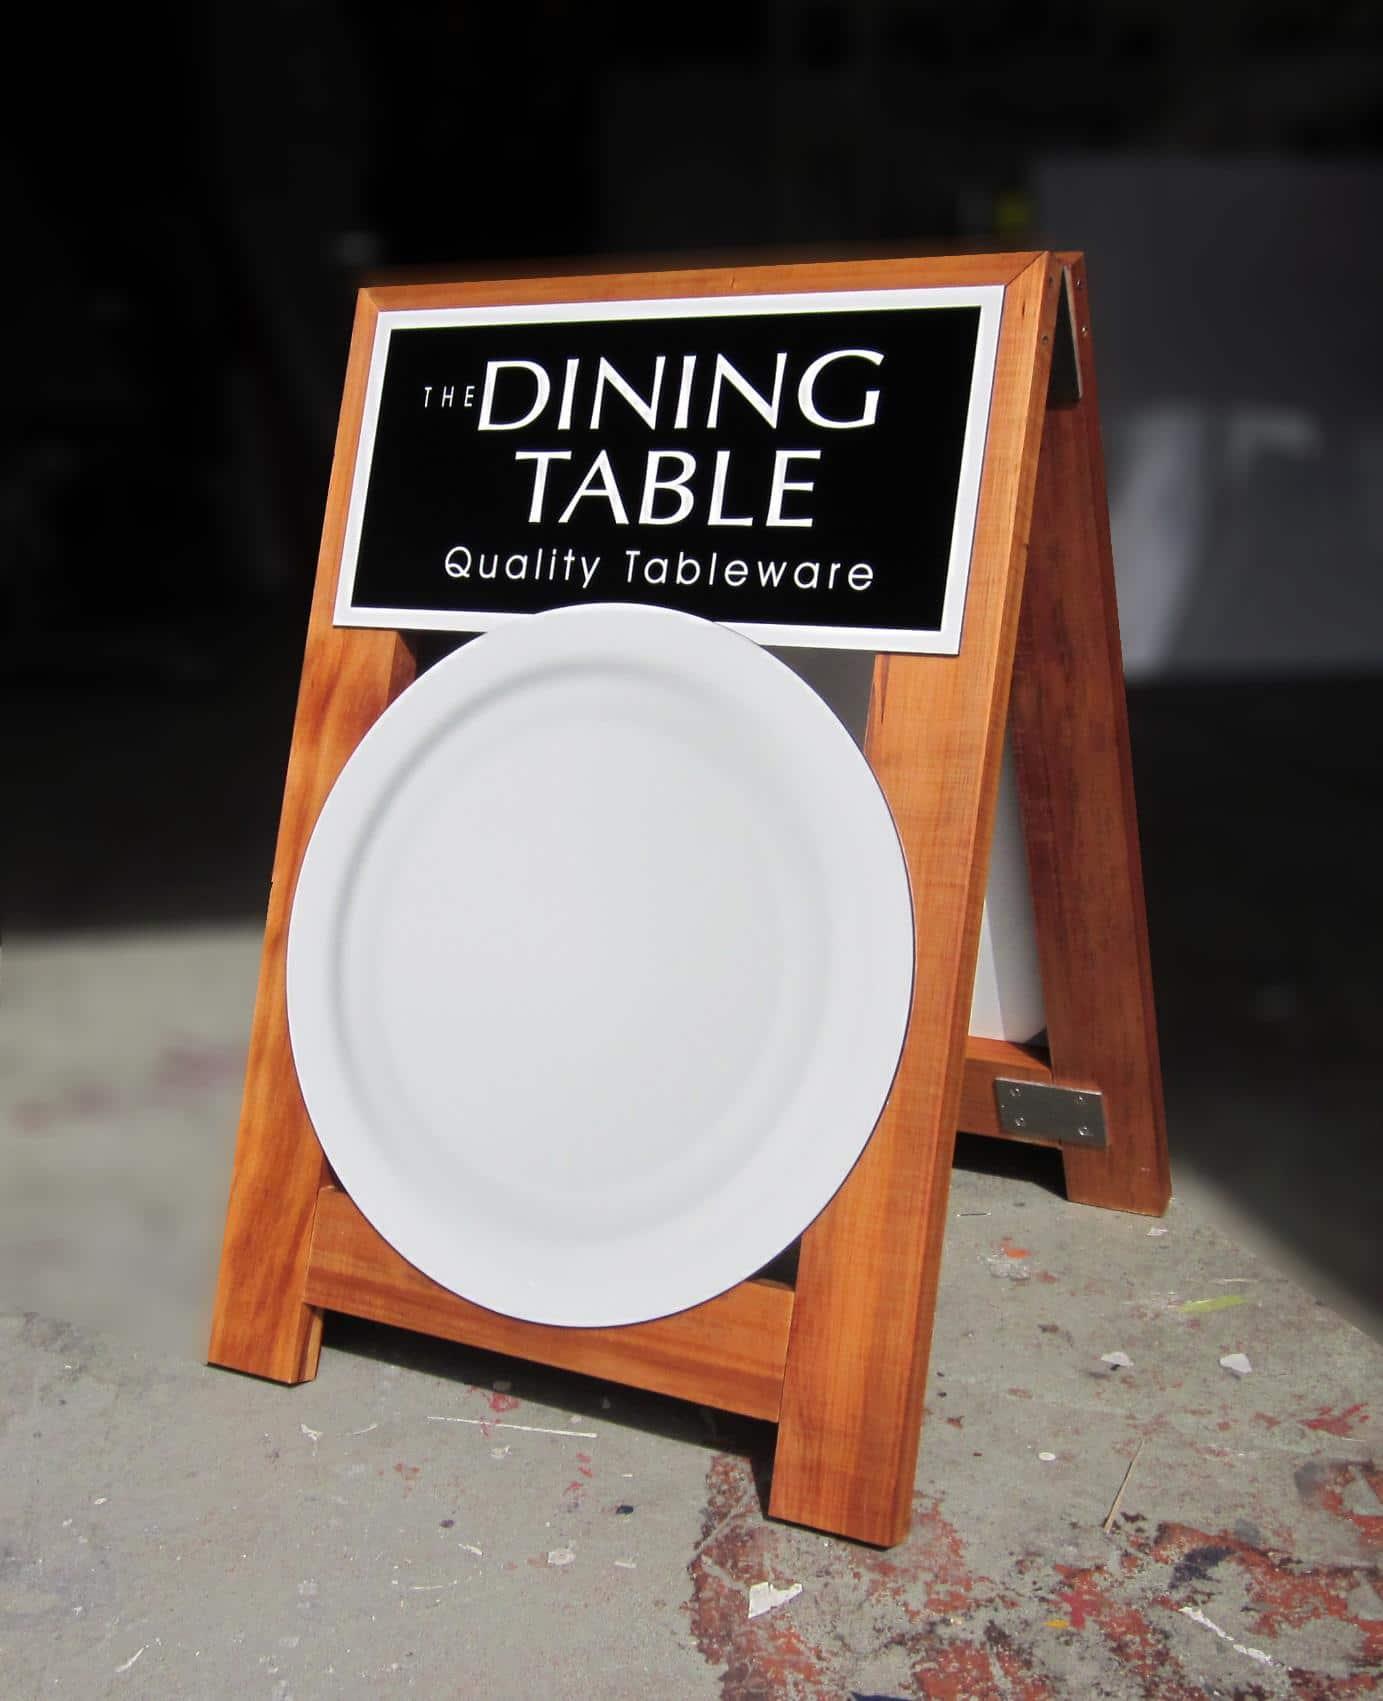 comment attirer plus de clients dans un magasin  une boutique  un restaurant    via l u0026 39 affichage